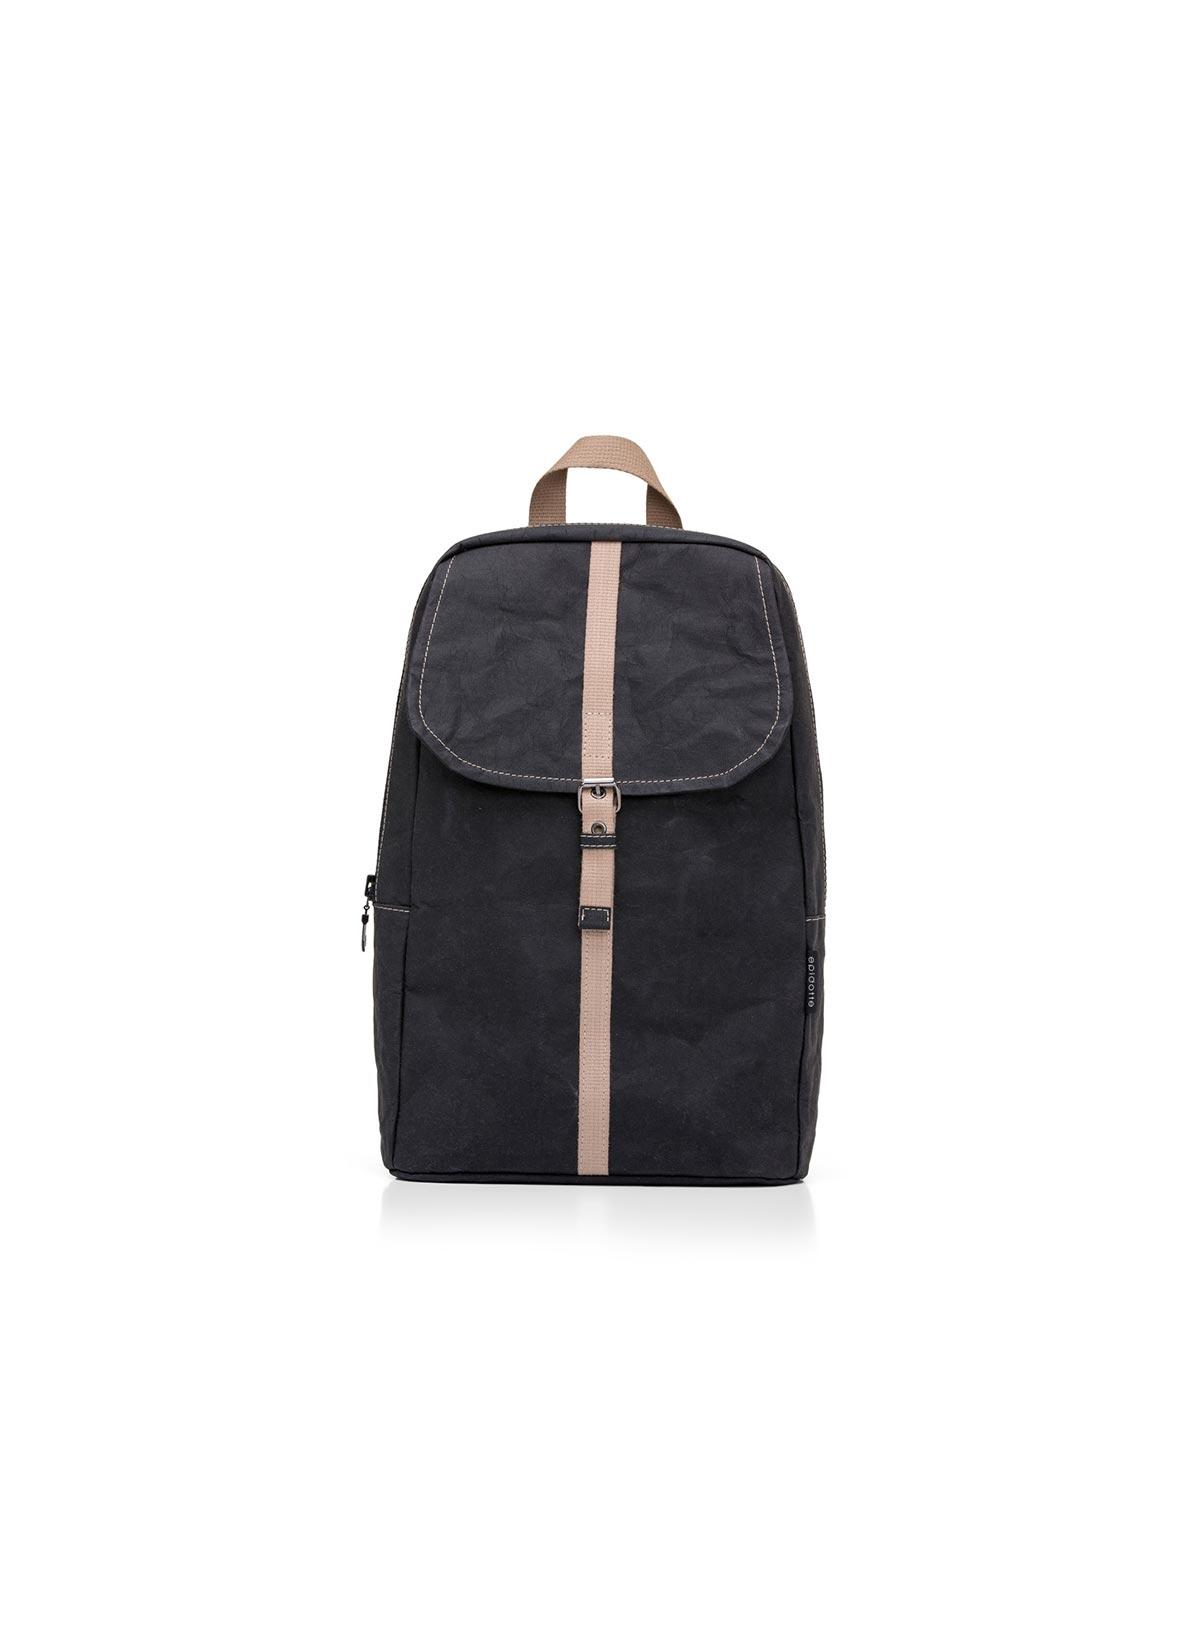 Packback Black